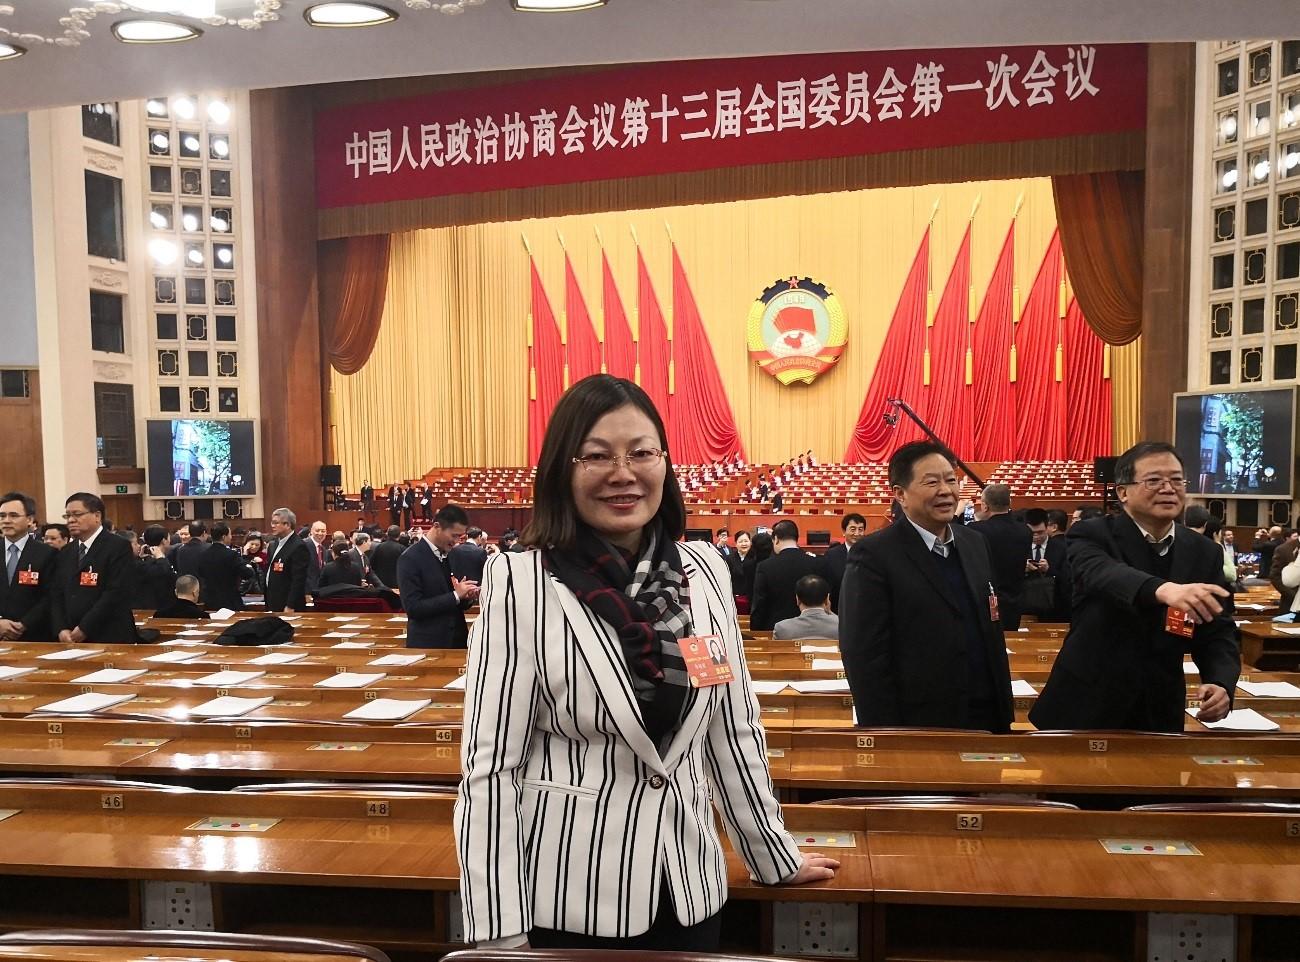 愿为国家和社会付出全力全情——记区政协常委郭媛媛